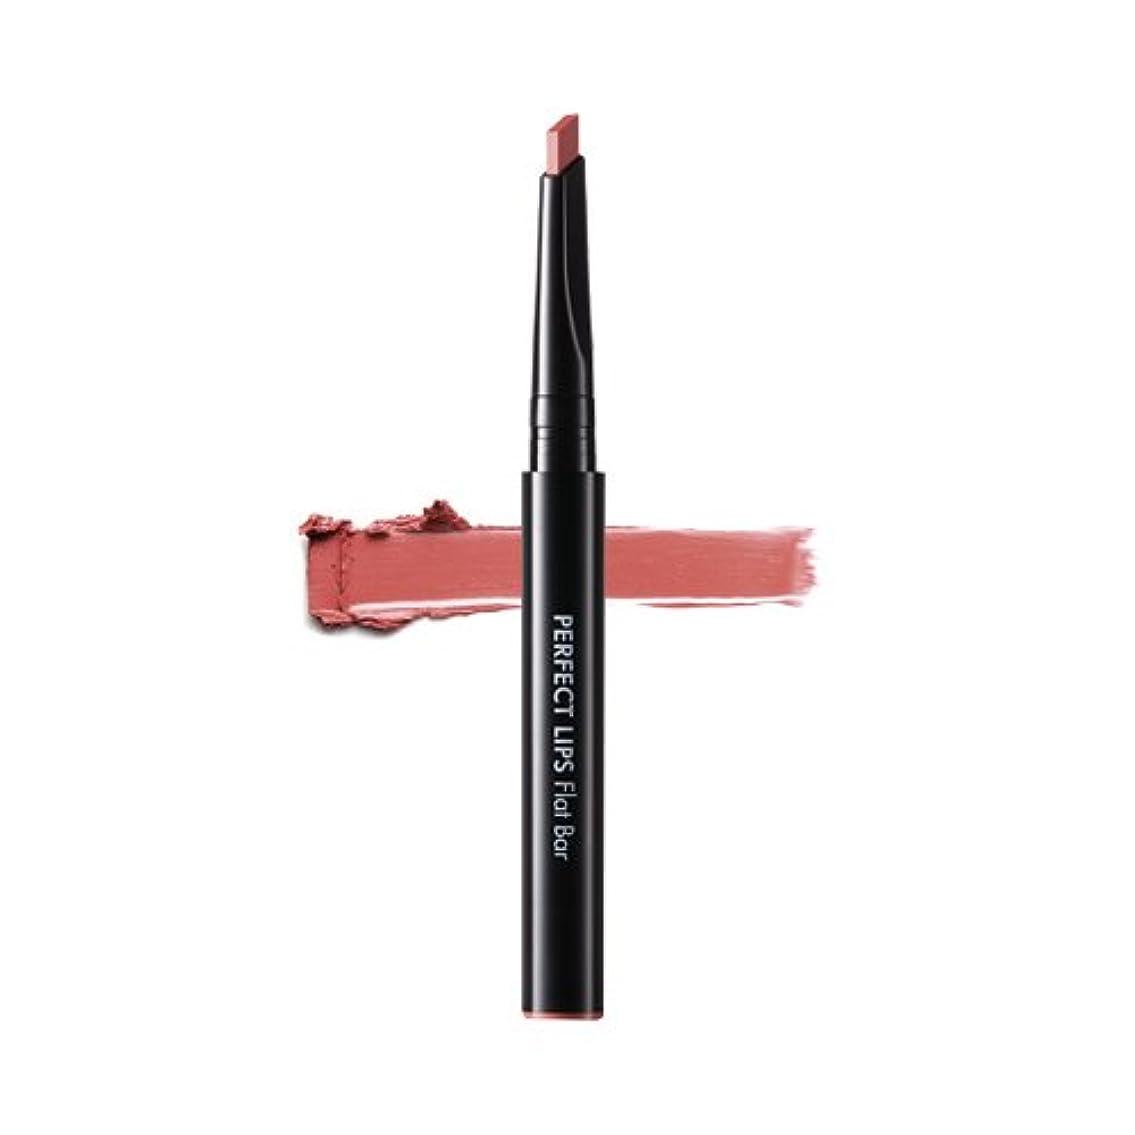 もしマイル純粋な[New] TONYMOLY Perfect Lips Flat Bar 0.3g/トニーモリー パーフェクト リップス フラット バー 0.3g (#04 Shy Rose) [並行輸入品]